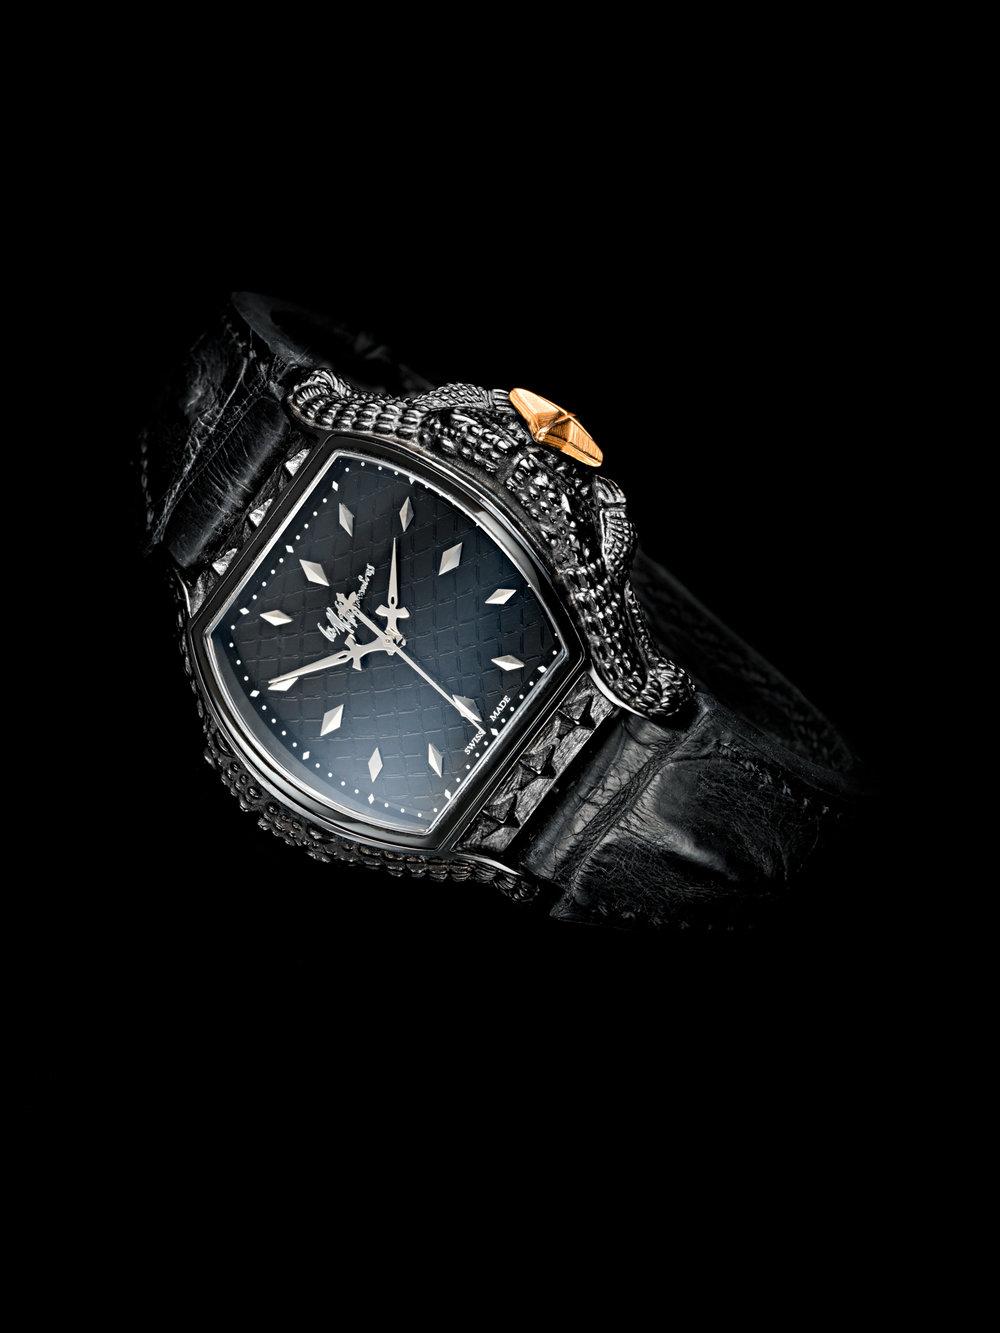 Les Millionaires, Uhrenfotografie, Zürich, Schweiz